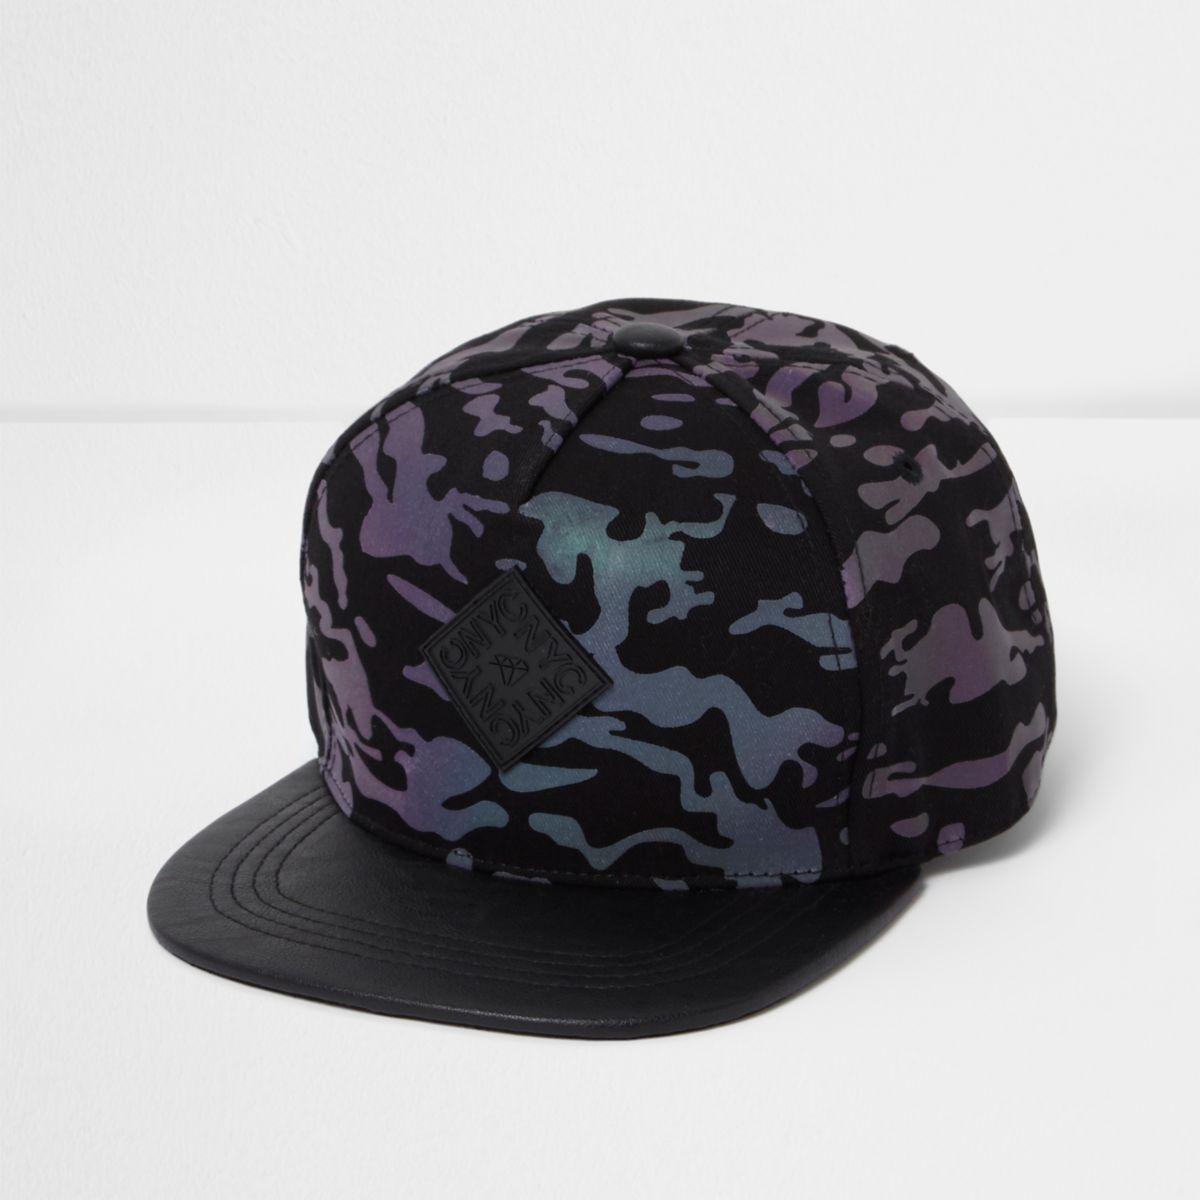 Boys black iridescent camo flat peak cap